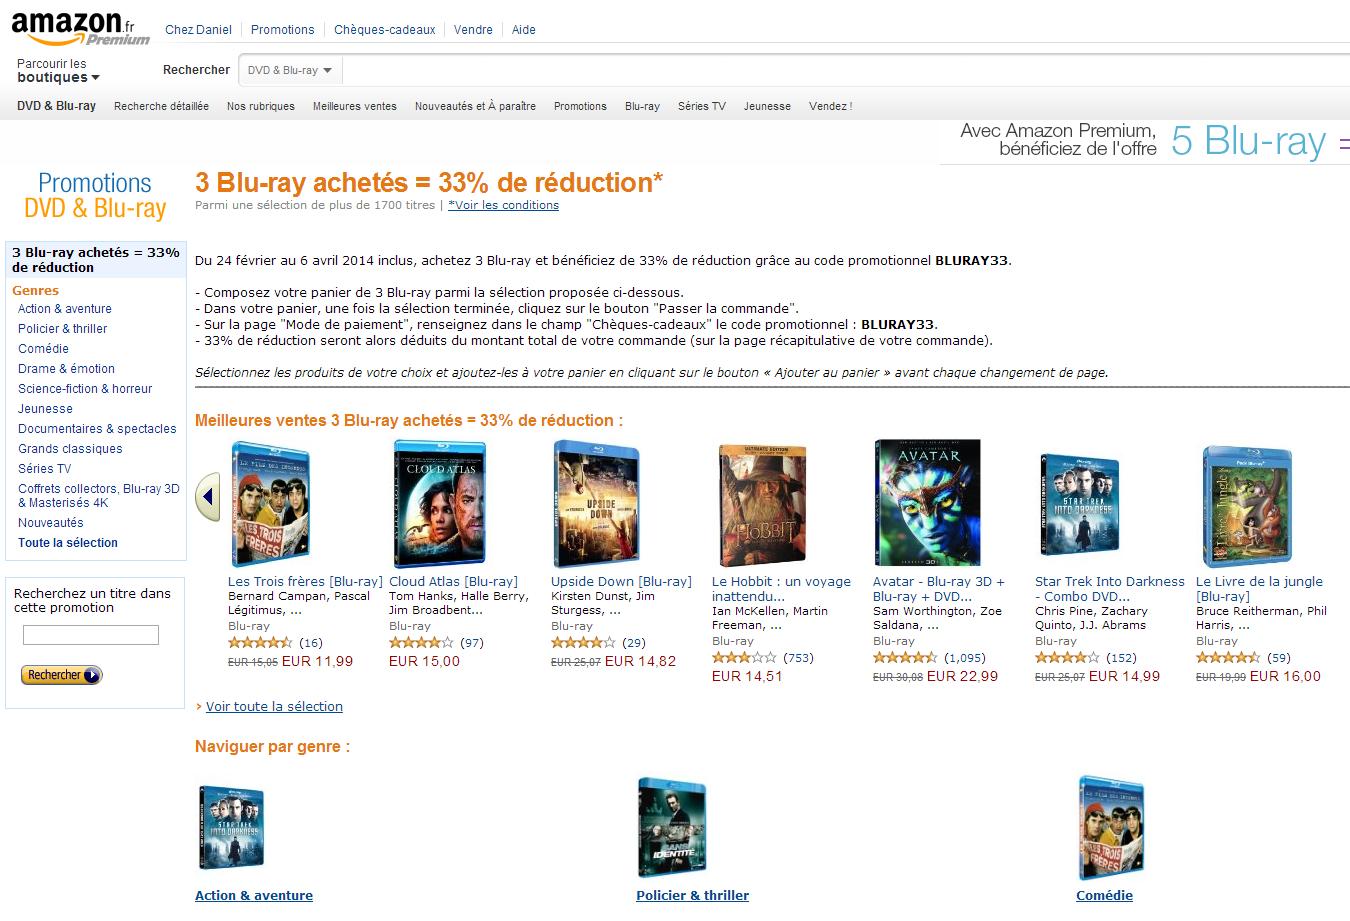 Amazon S écroule En Bourse Suite à La Publication De